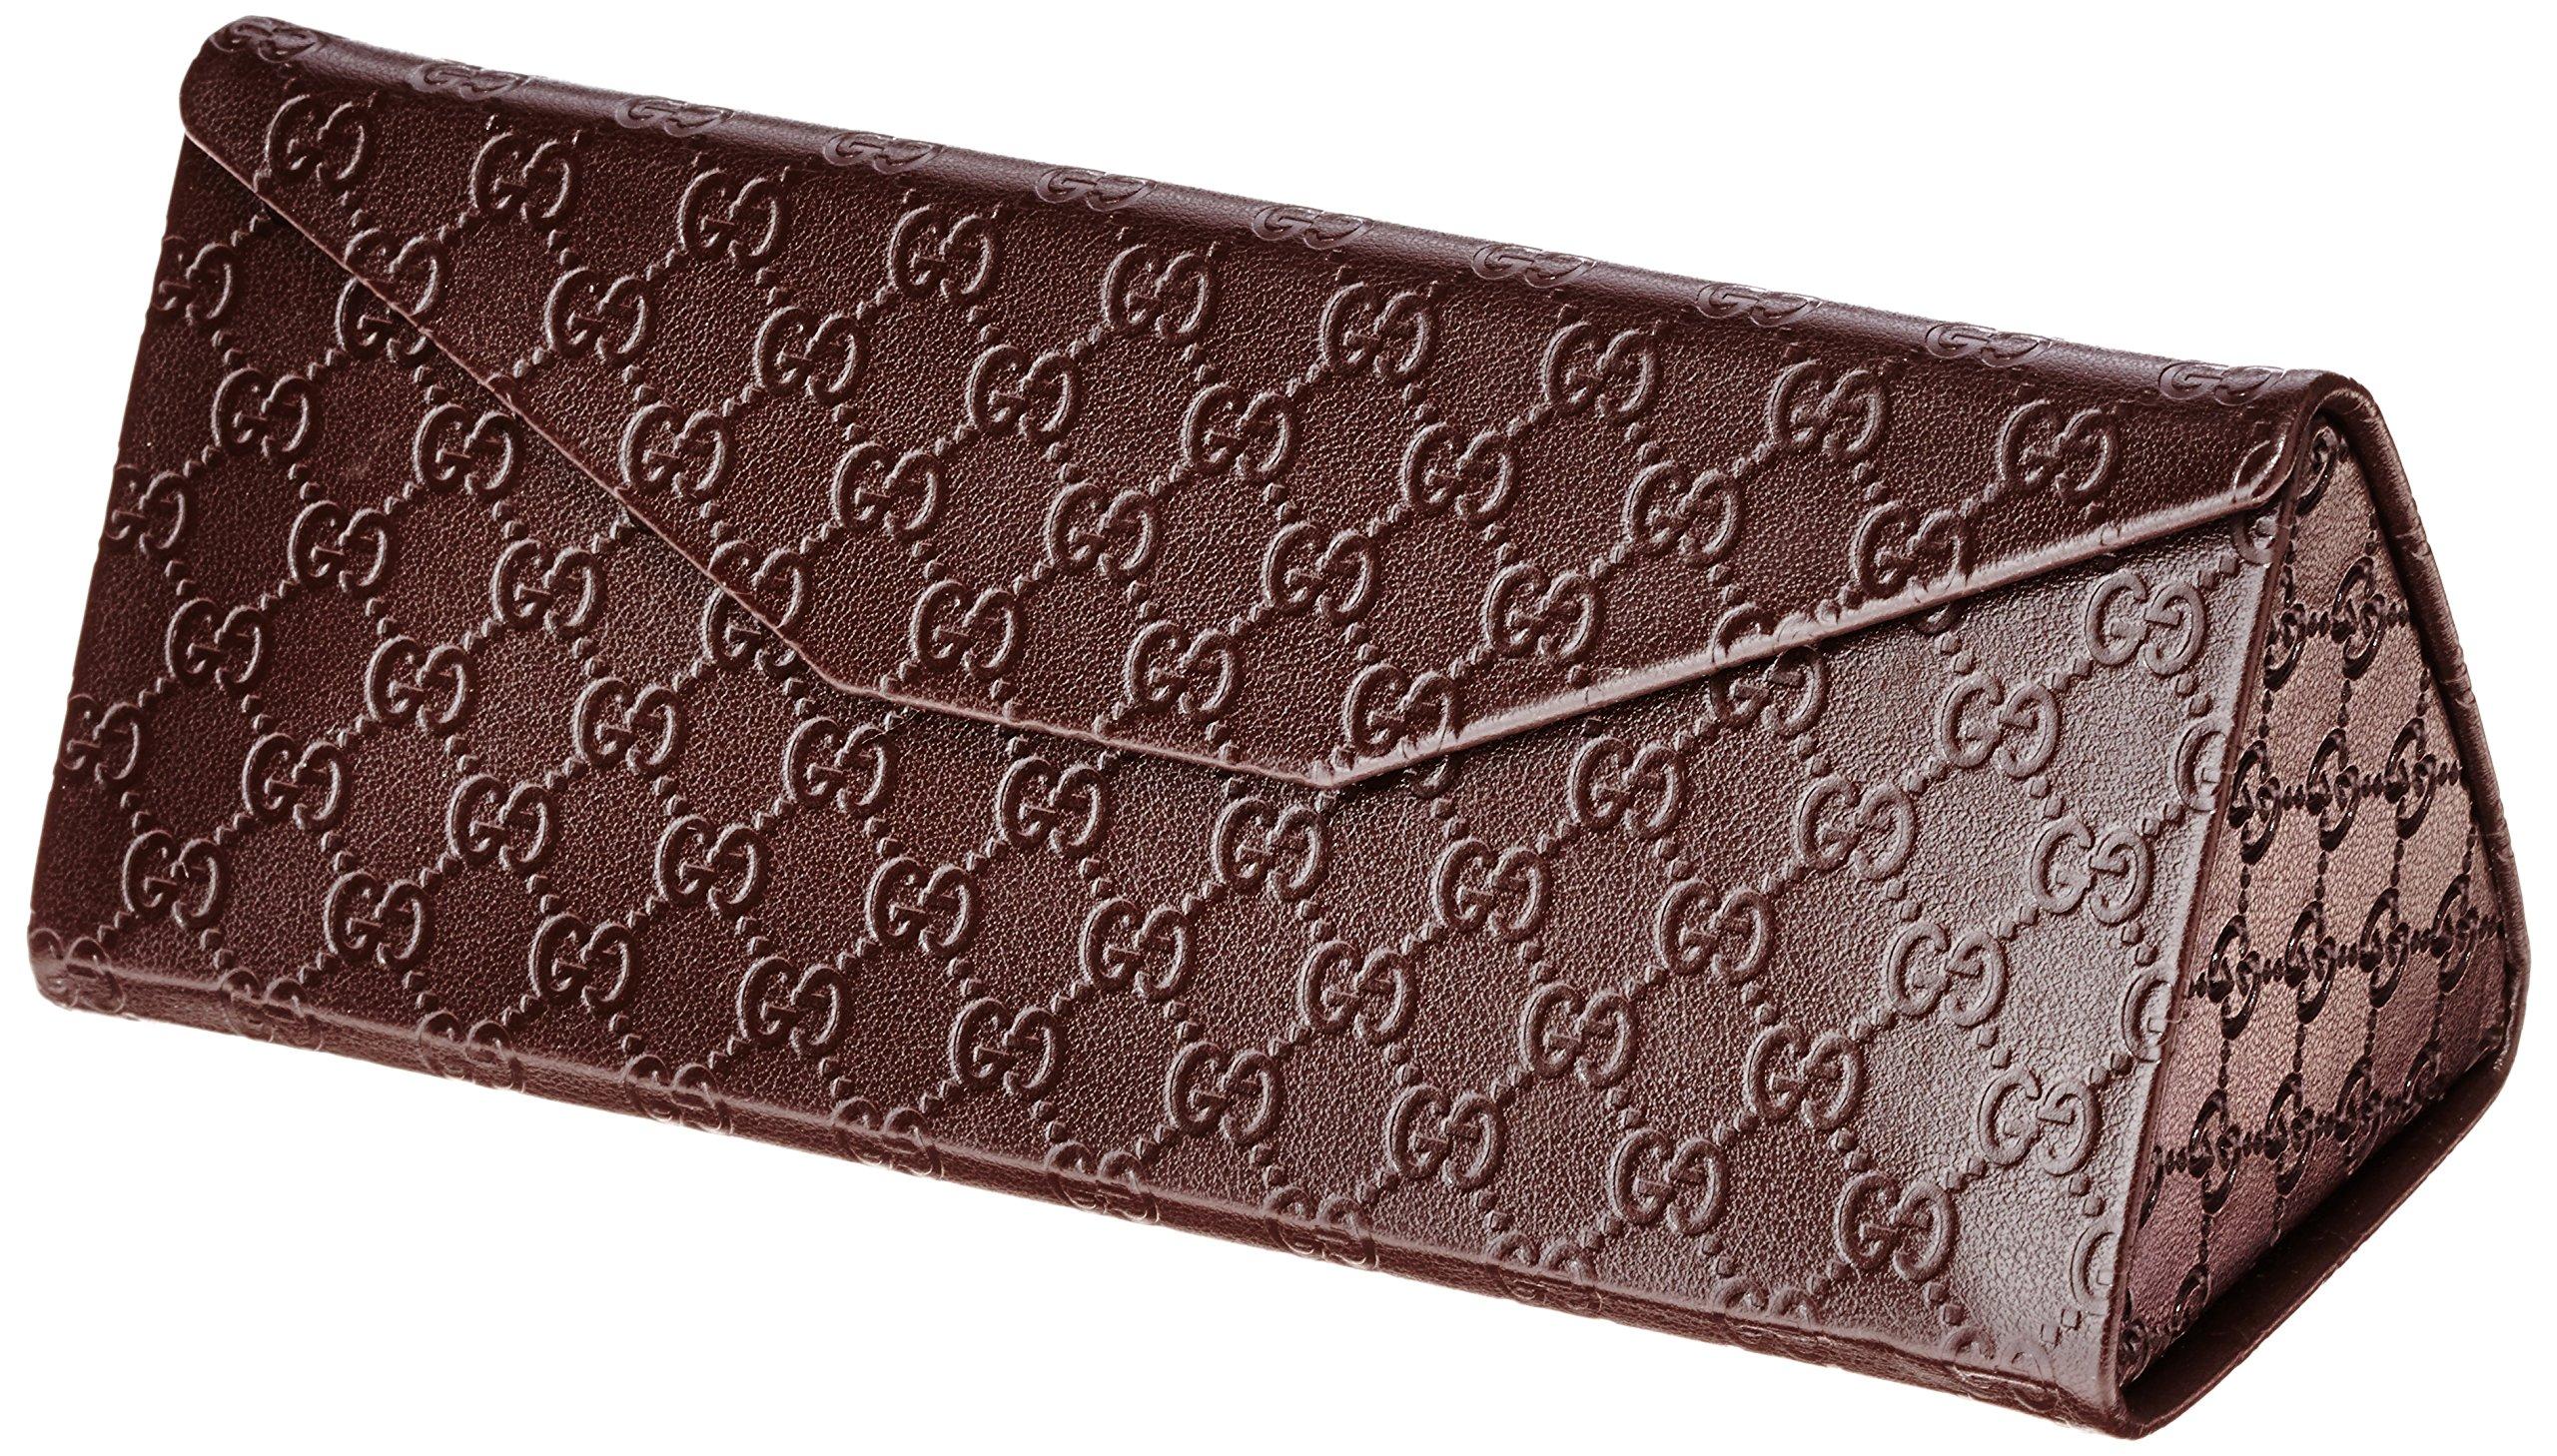 Gucci Men's Square Sunglasses, Matte Blue/Grey Multi, One Size by Gucci (Image #5)